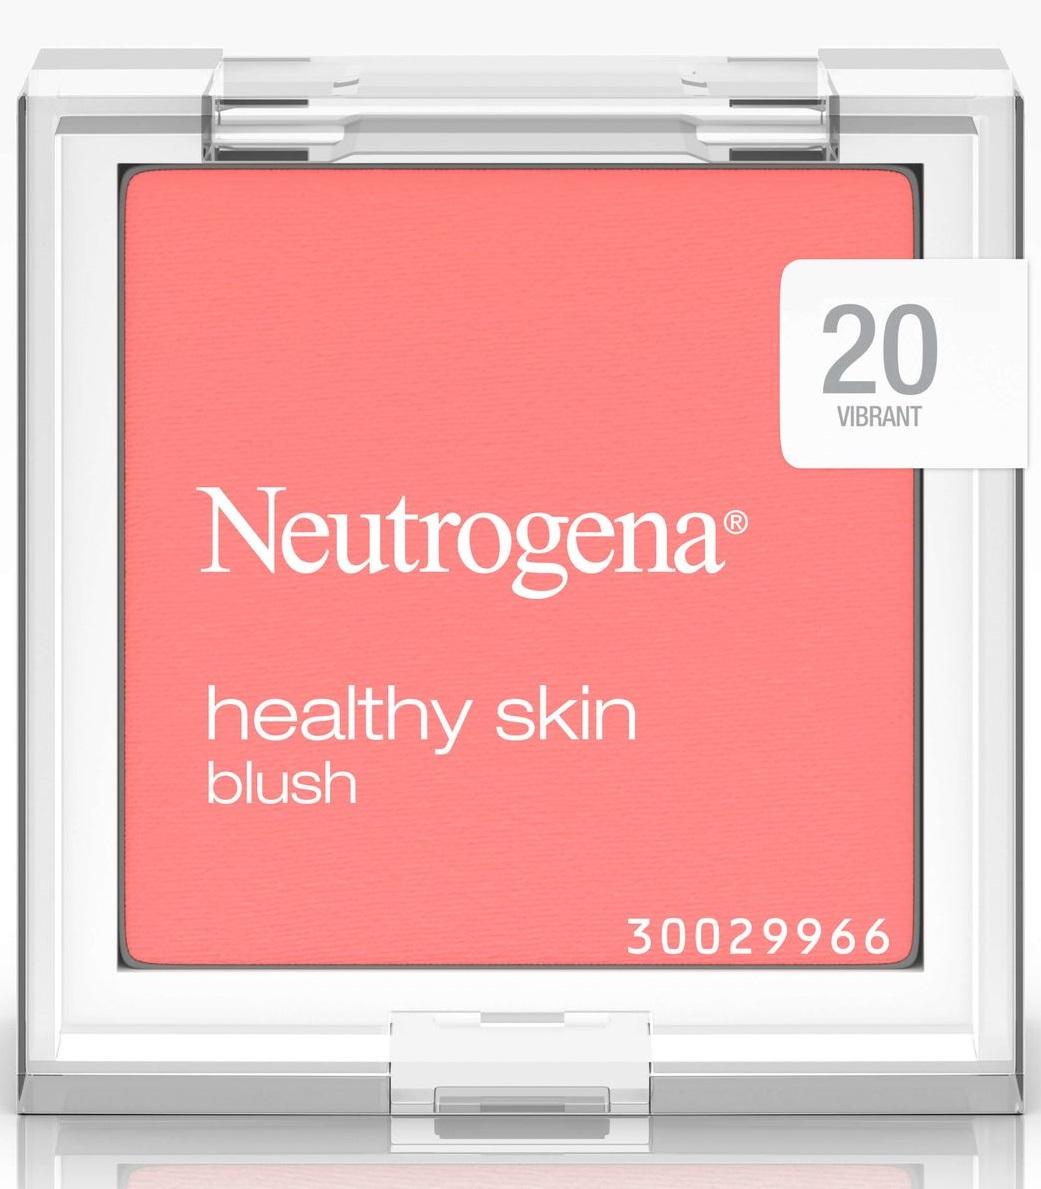 Neutrogena® Healthy Skin Blush